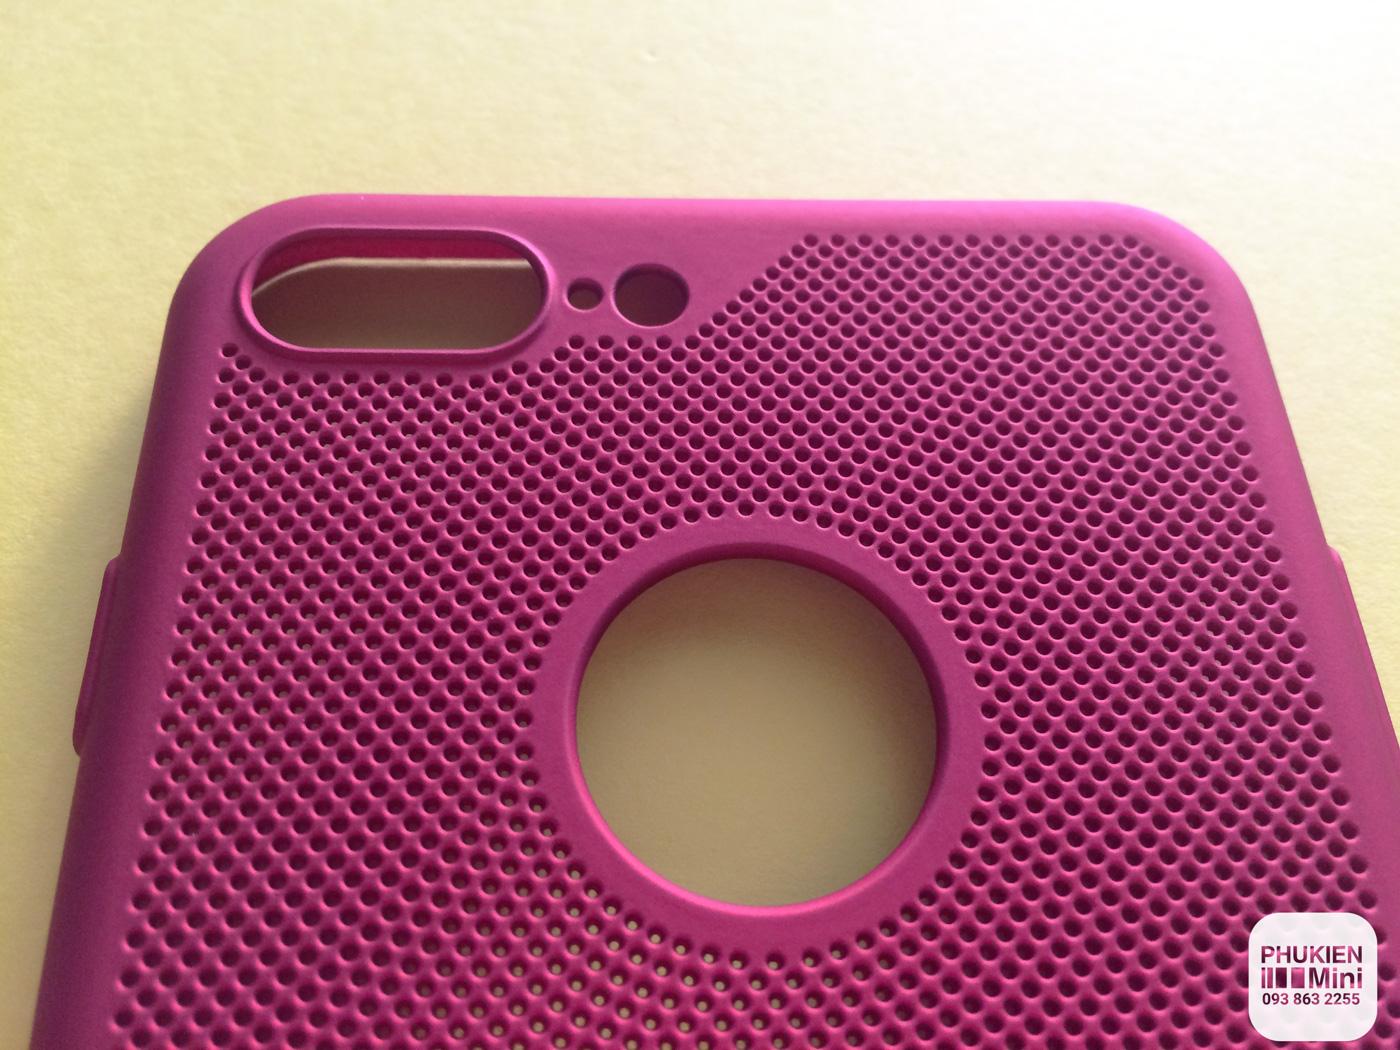 Ốp lưng lưới thoát nhiệt cho iPhone 6, 6s Plus, 7, 7 Plus